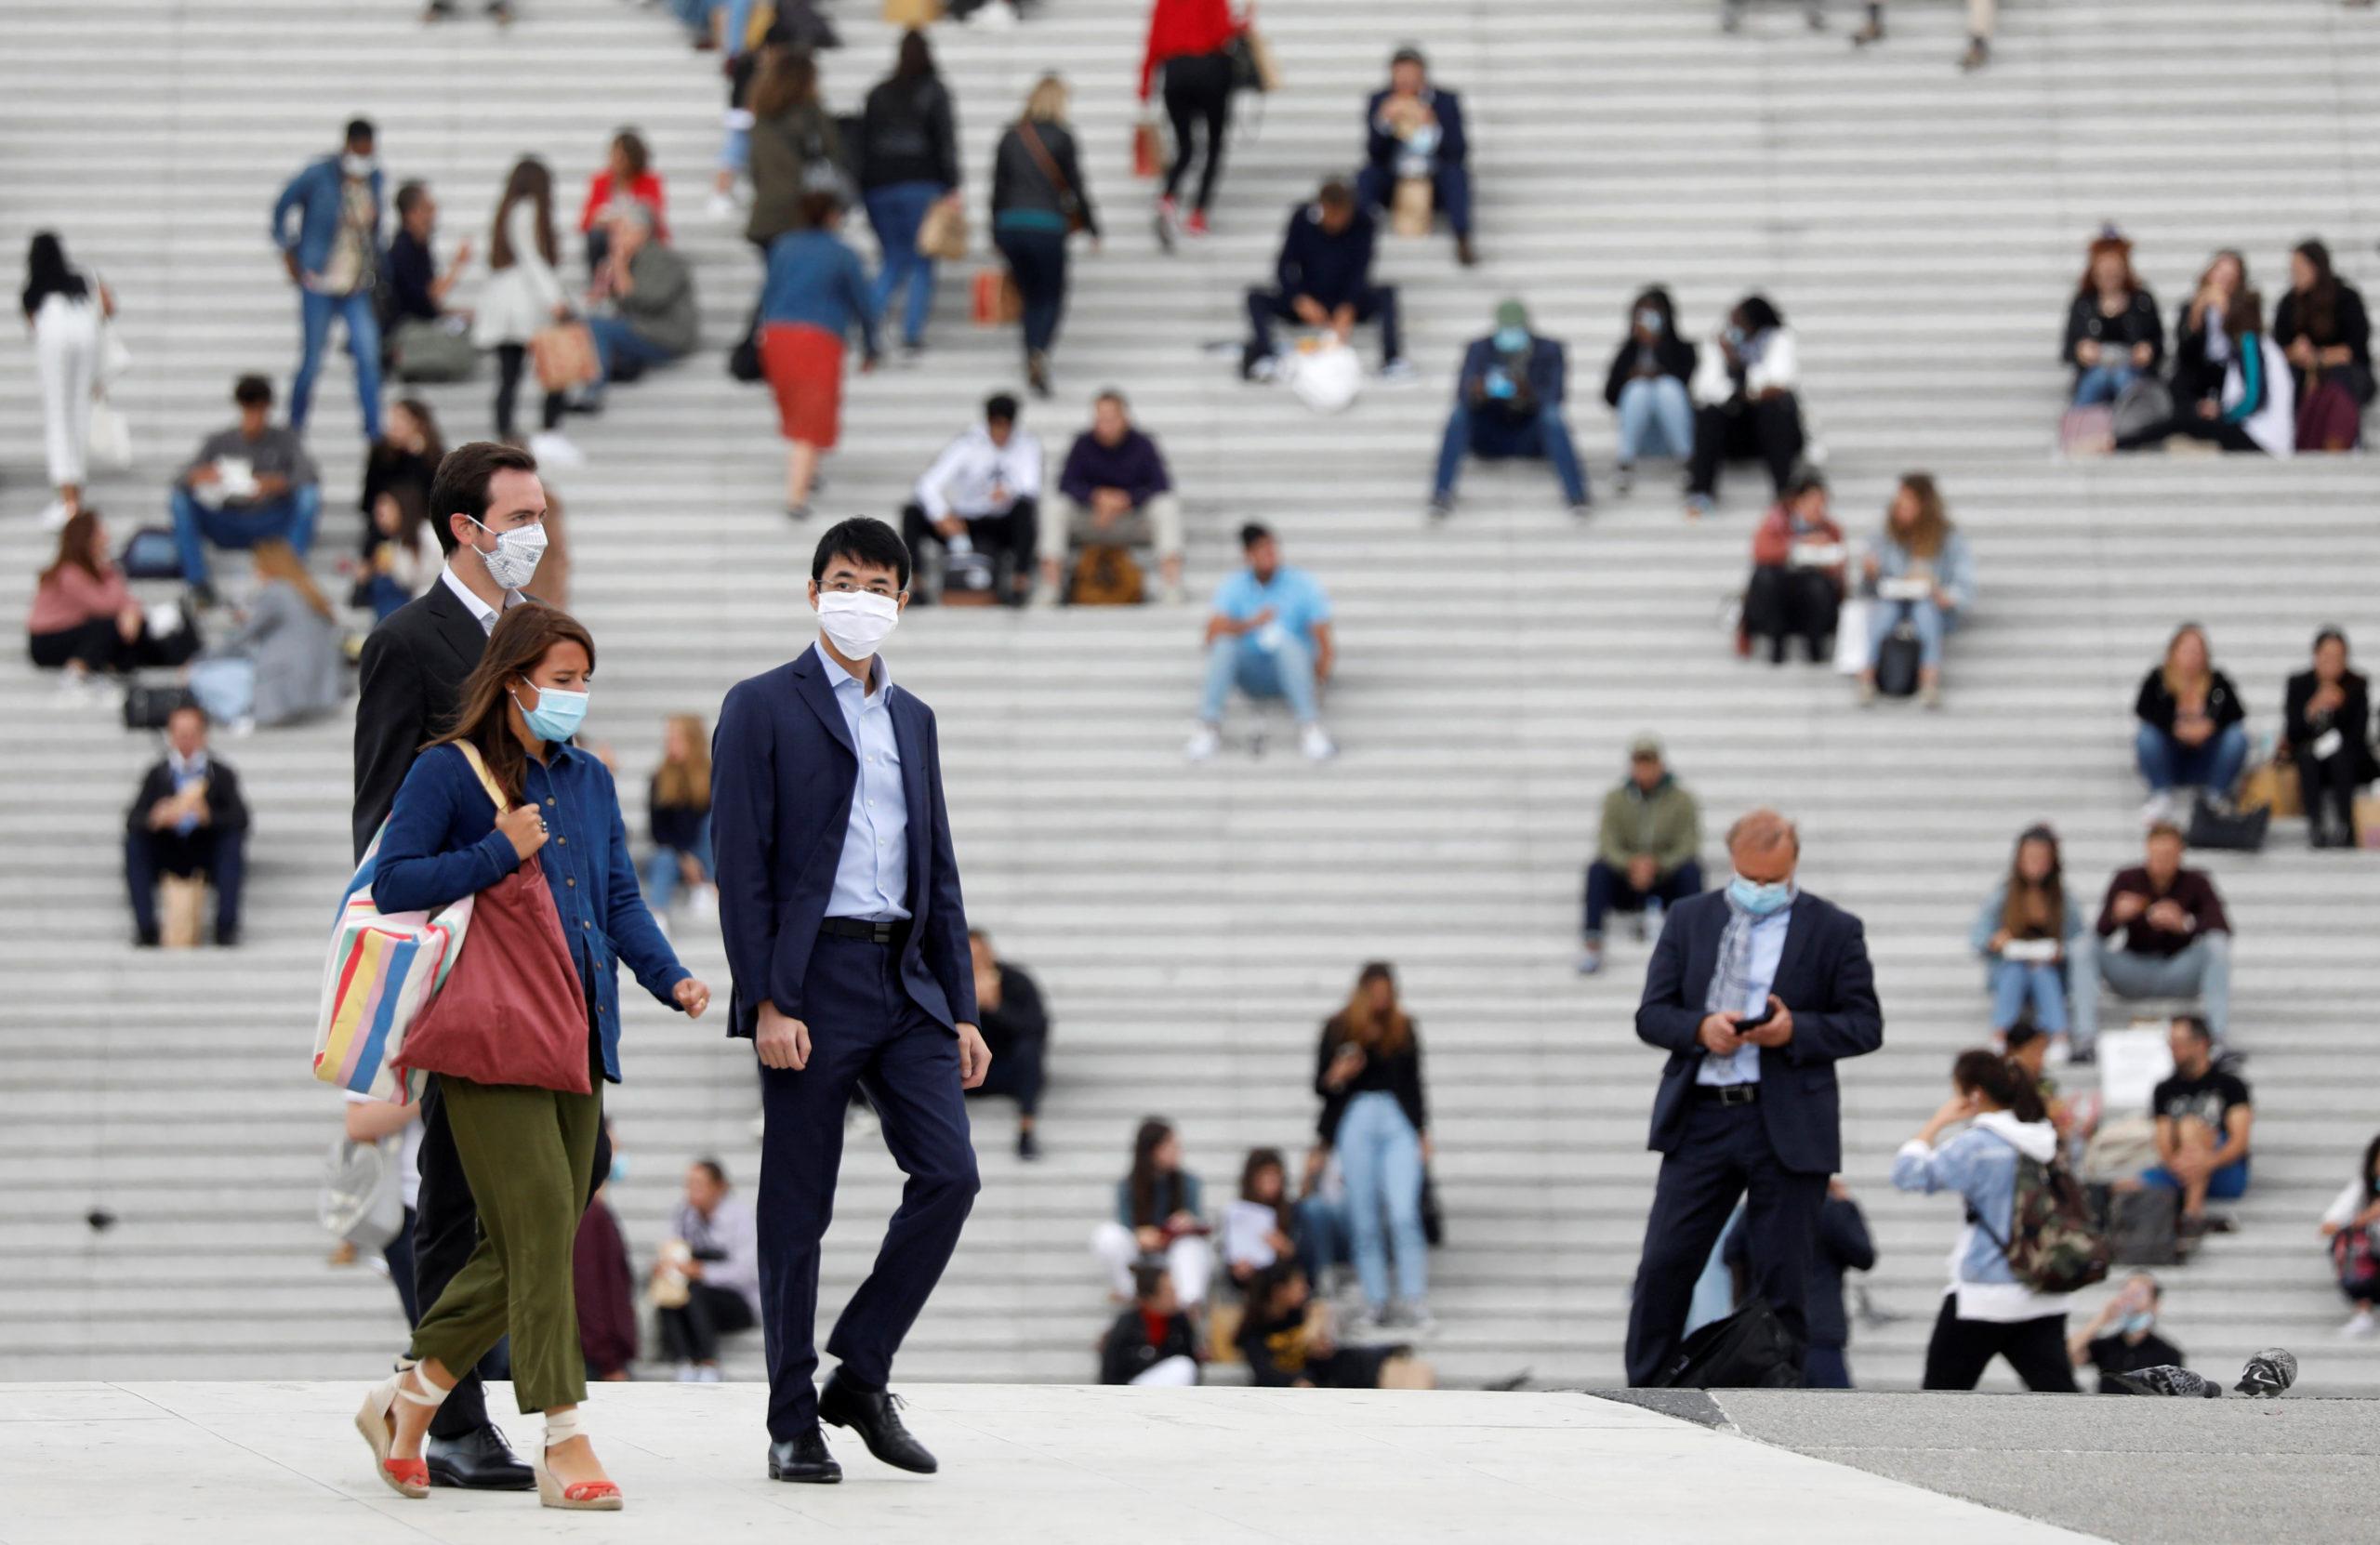 Coronavirus: La France enregistre 8.550 nouveaux cas en 24 heures